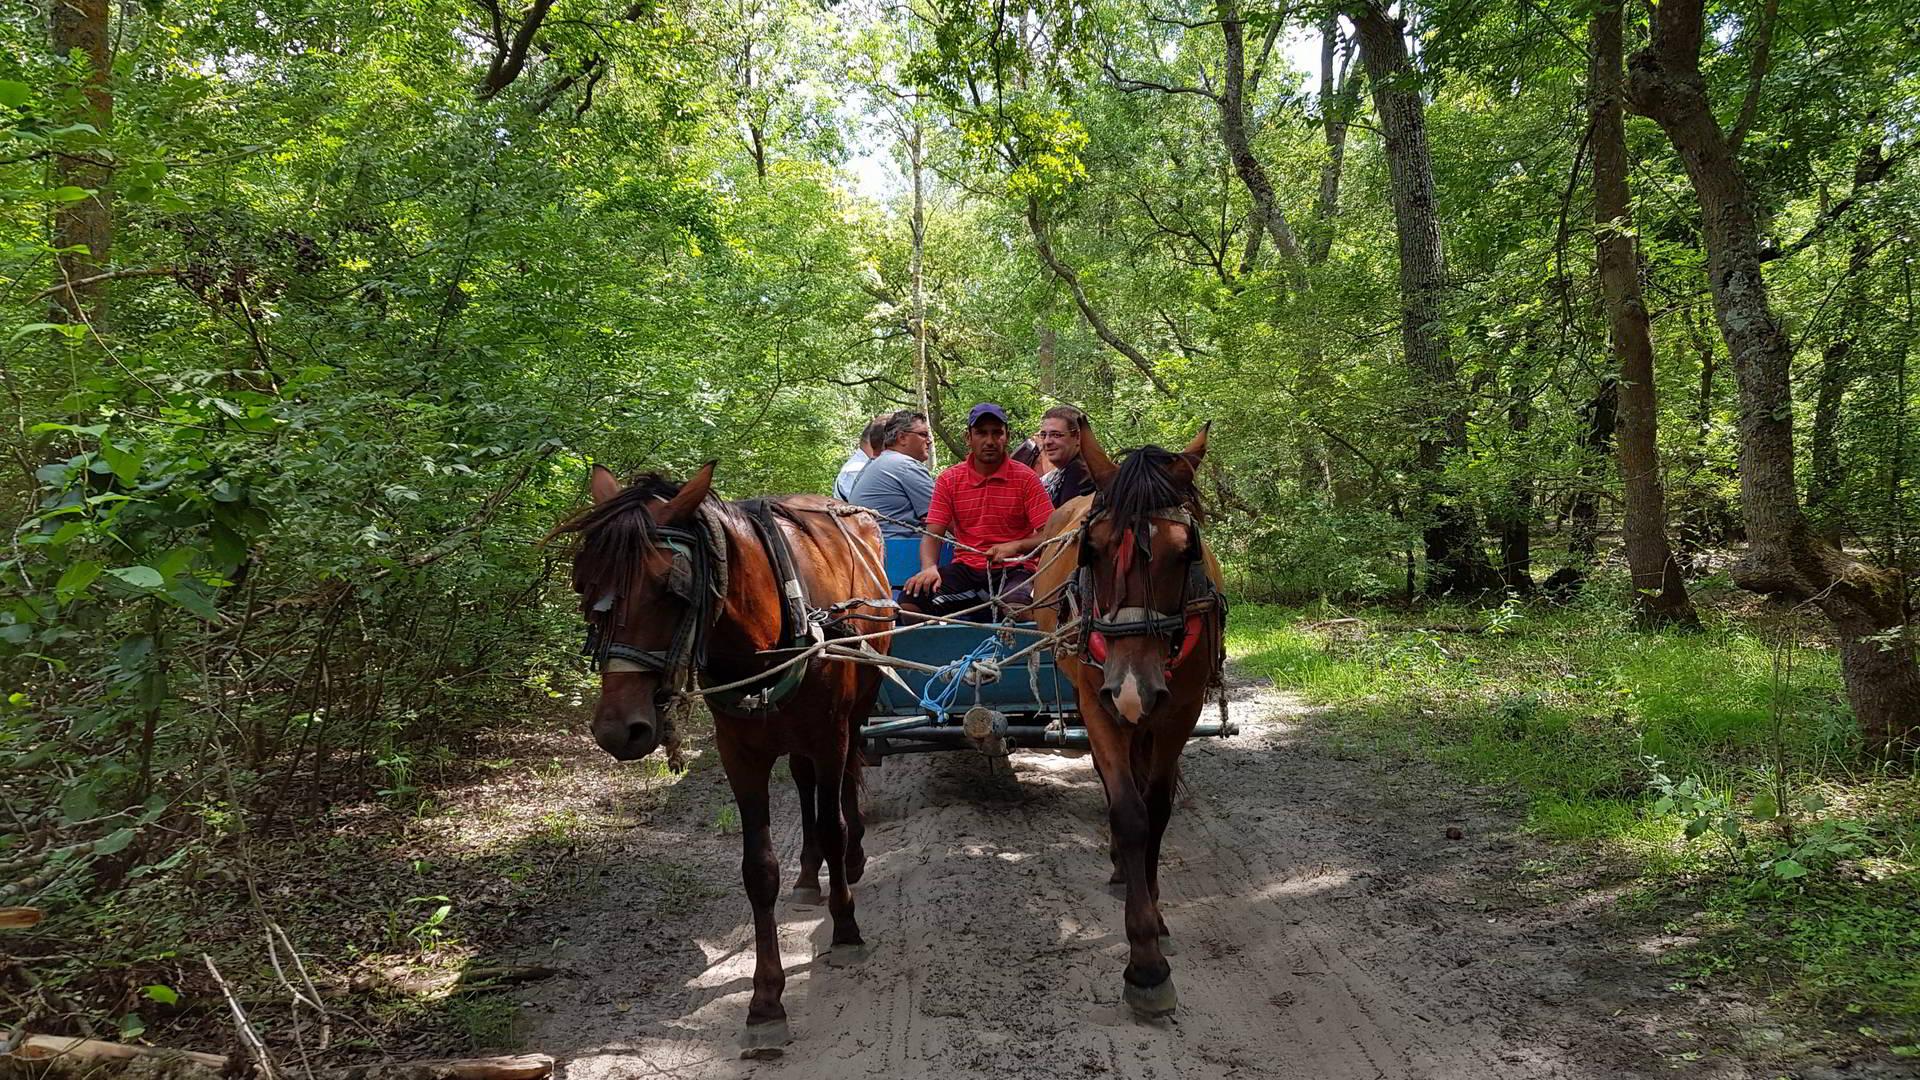 Letea, satul în care trăiesc mai mulți cai decât oameni